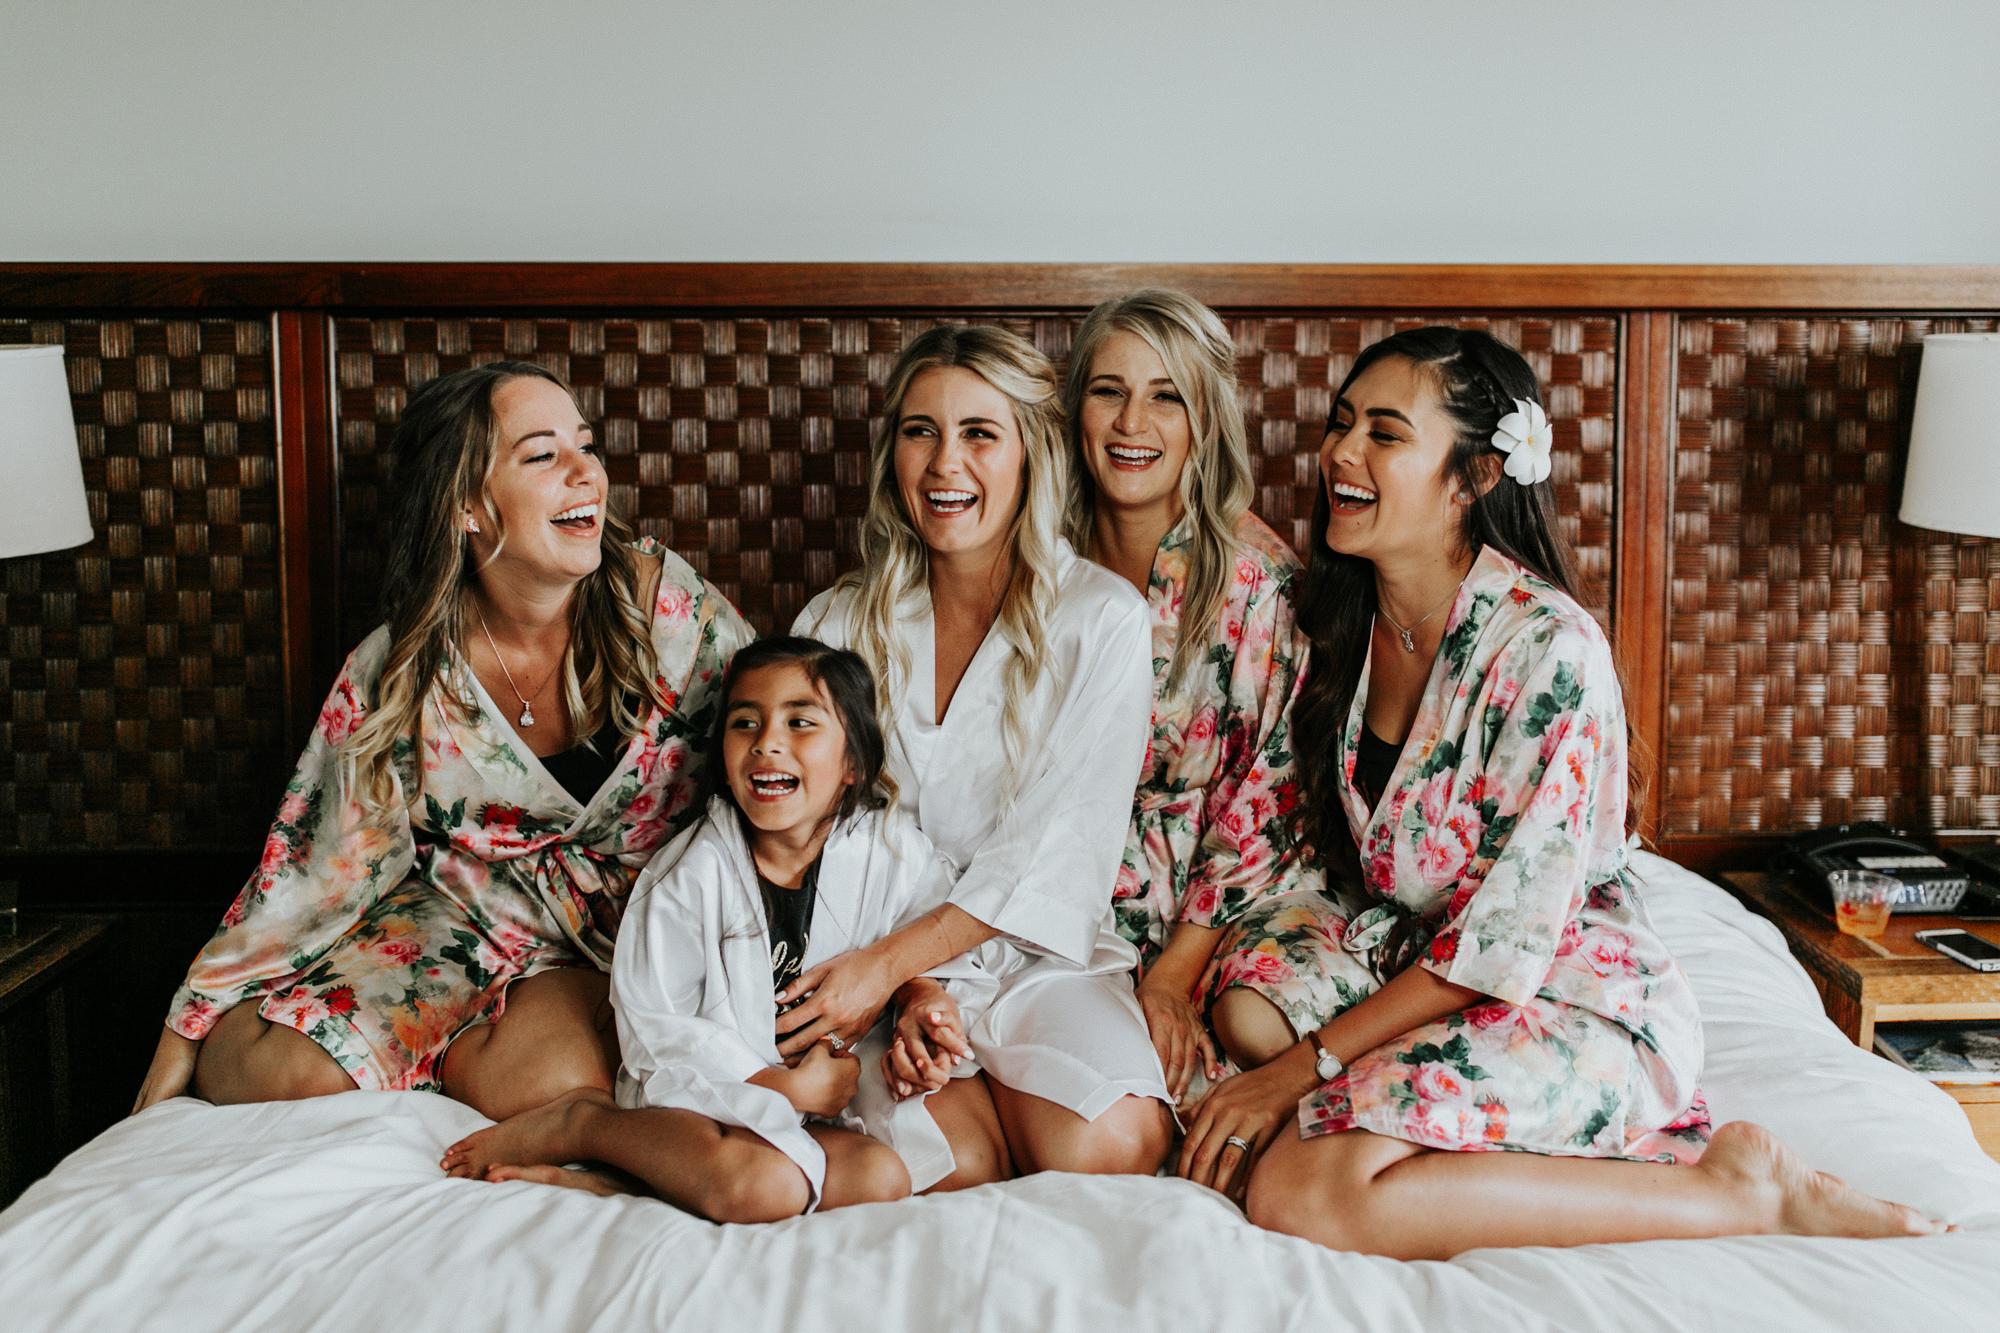 destination-wedding-photographer-hawaii-maui-elopement-16.jpg